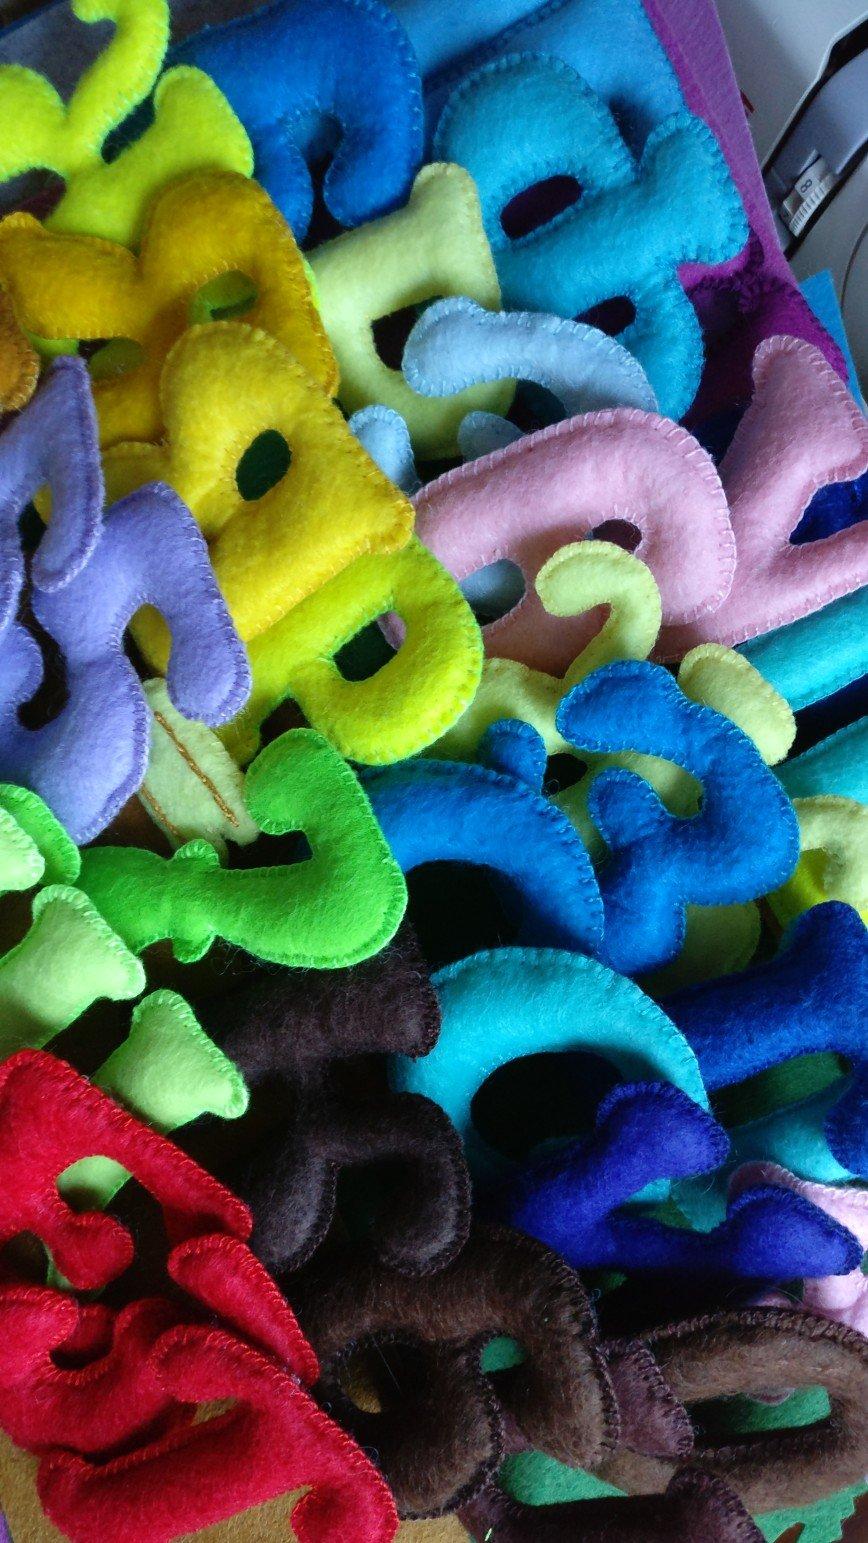 Автор: СветланиЯ, Фотозал: Мое хобби, Шить развивающие игрушки и игры для деток - особое удовольствие!